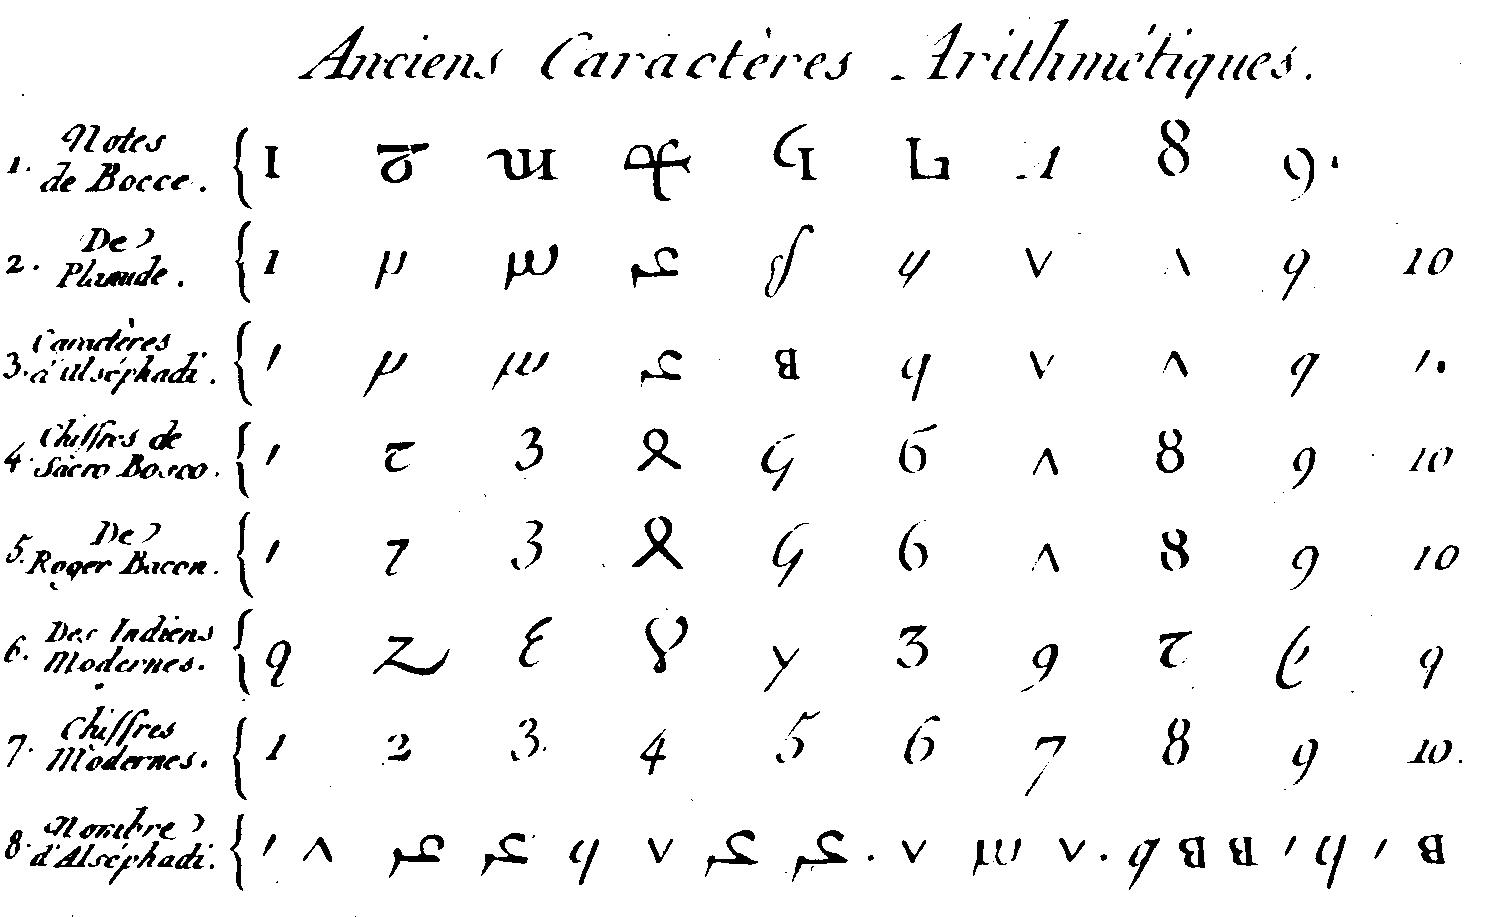 Ancient Caracters